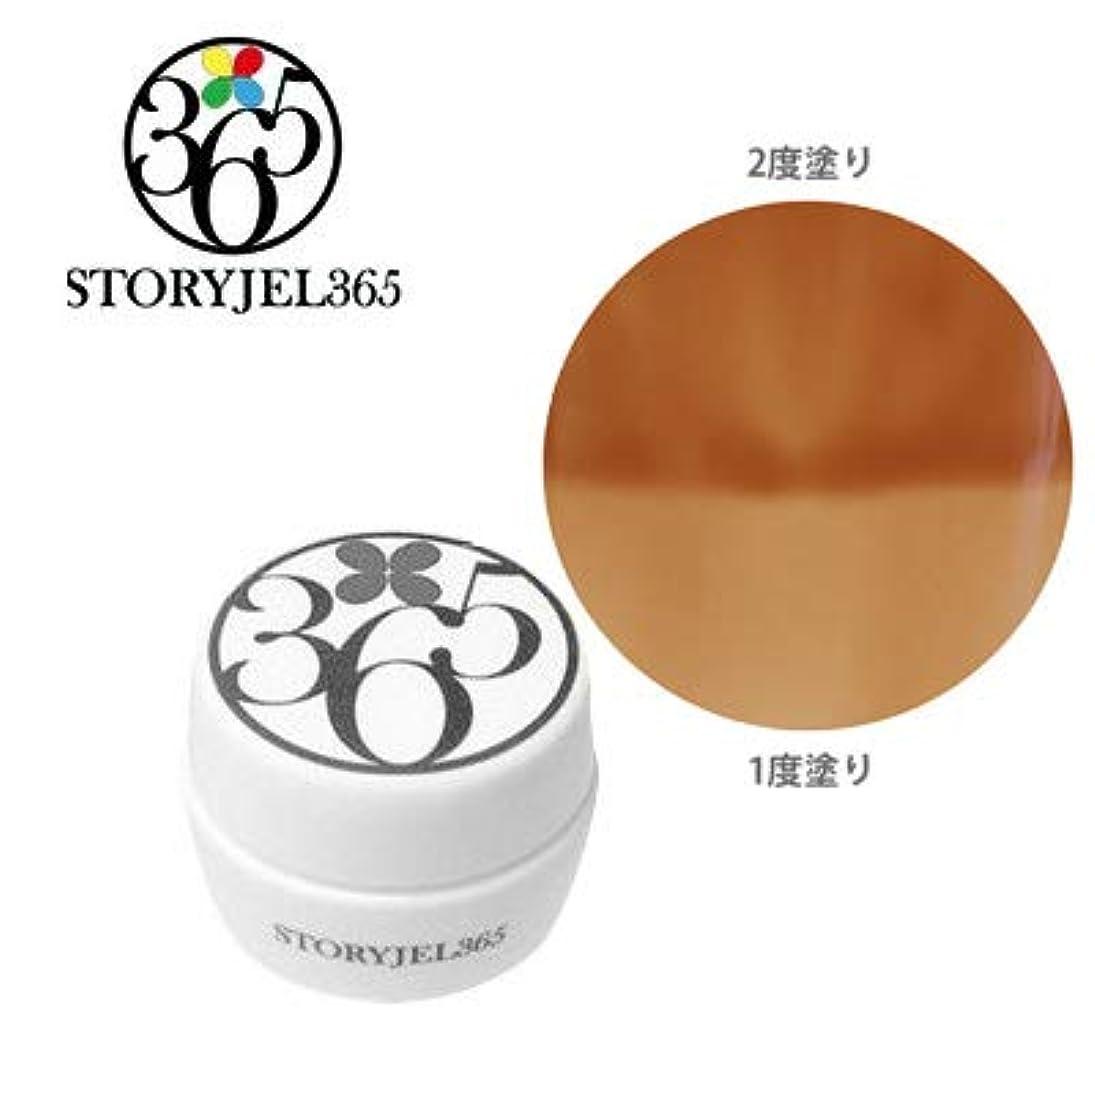 ためにタッチ習字STORY JEL365 カラージェル SJS-170S ブラックコーヒー